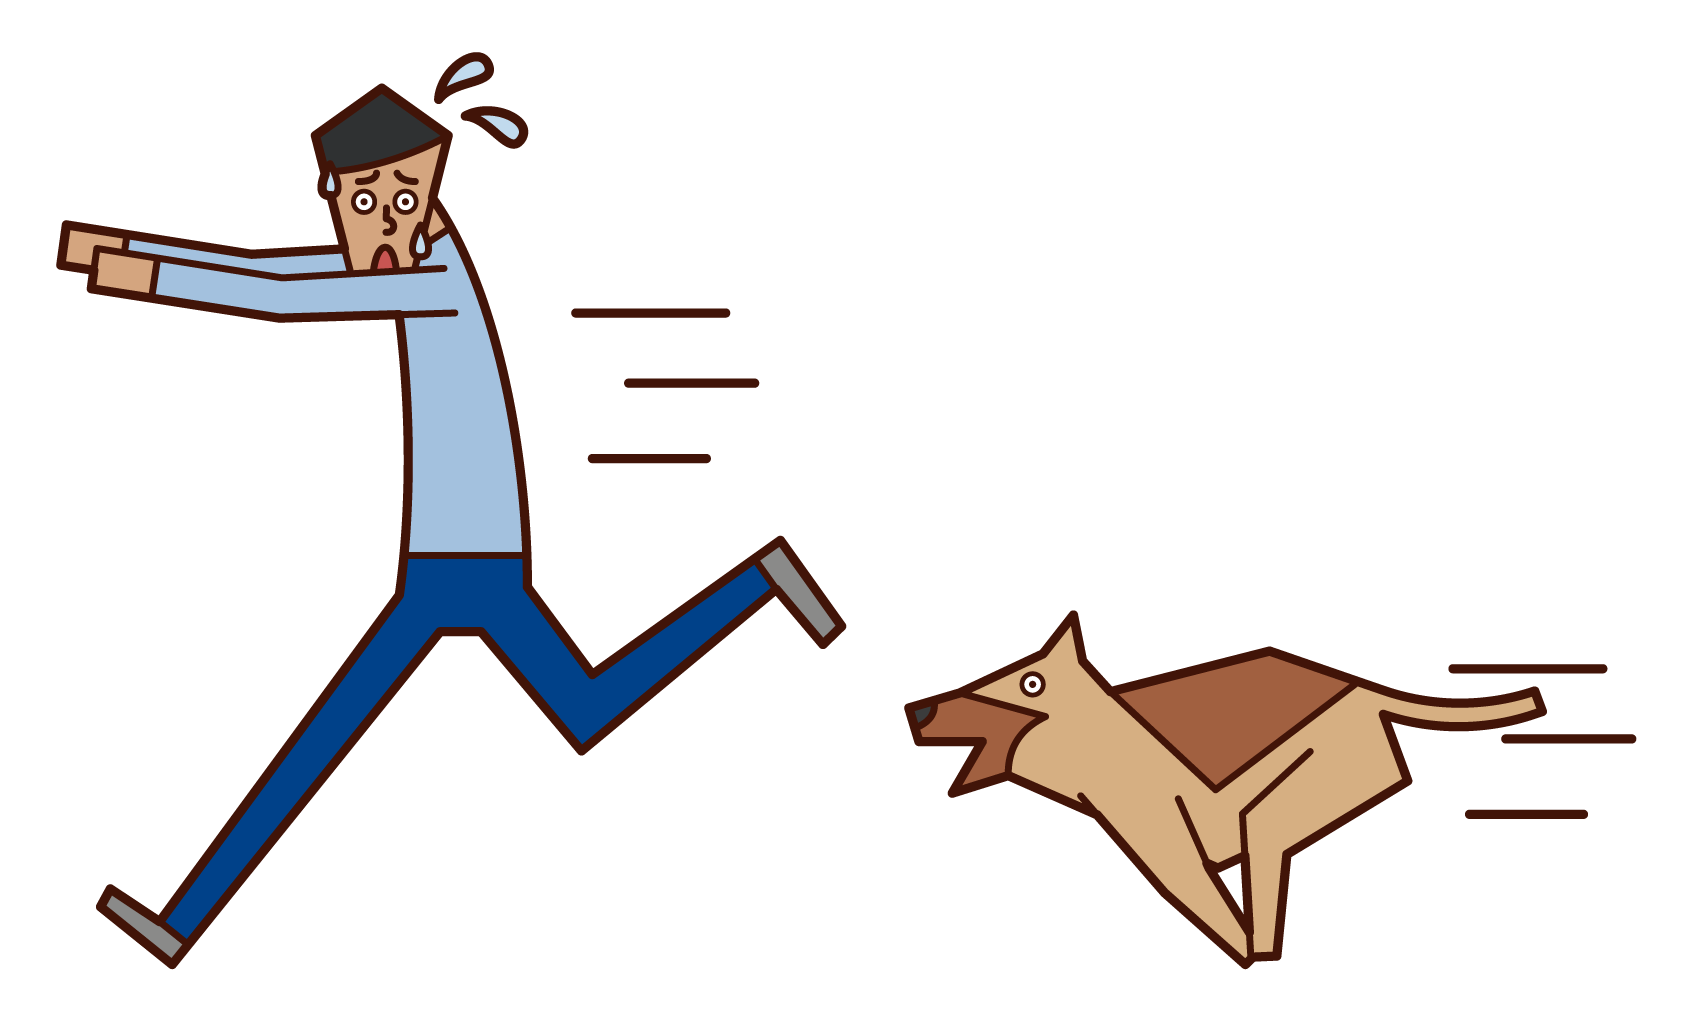 개에게 쫓겨 도망친 사람의 일러스트